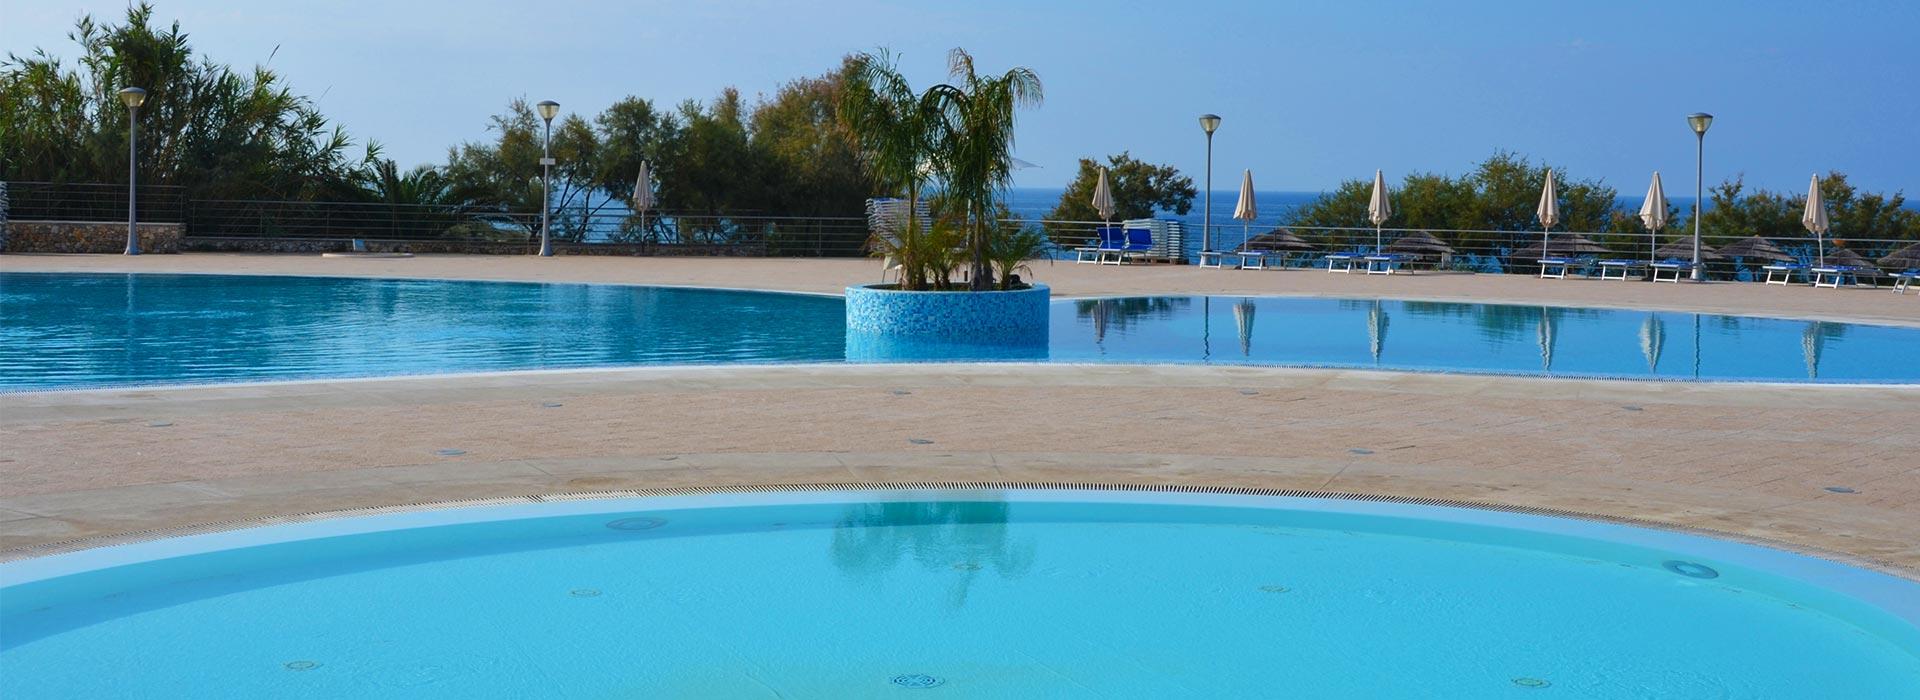 Miglior prezzo mon reve resort talsano puglia - Piscina mediterraneo taranto ...